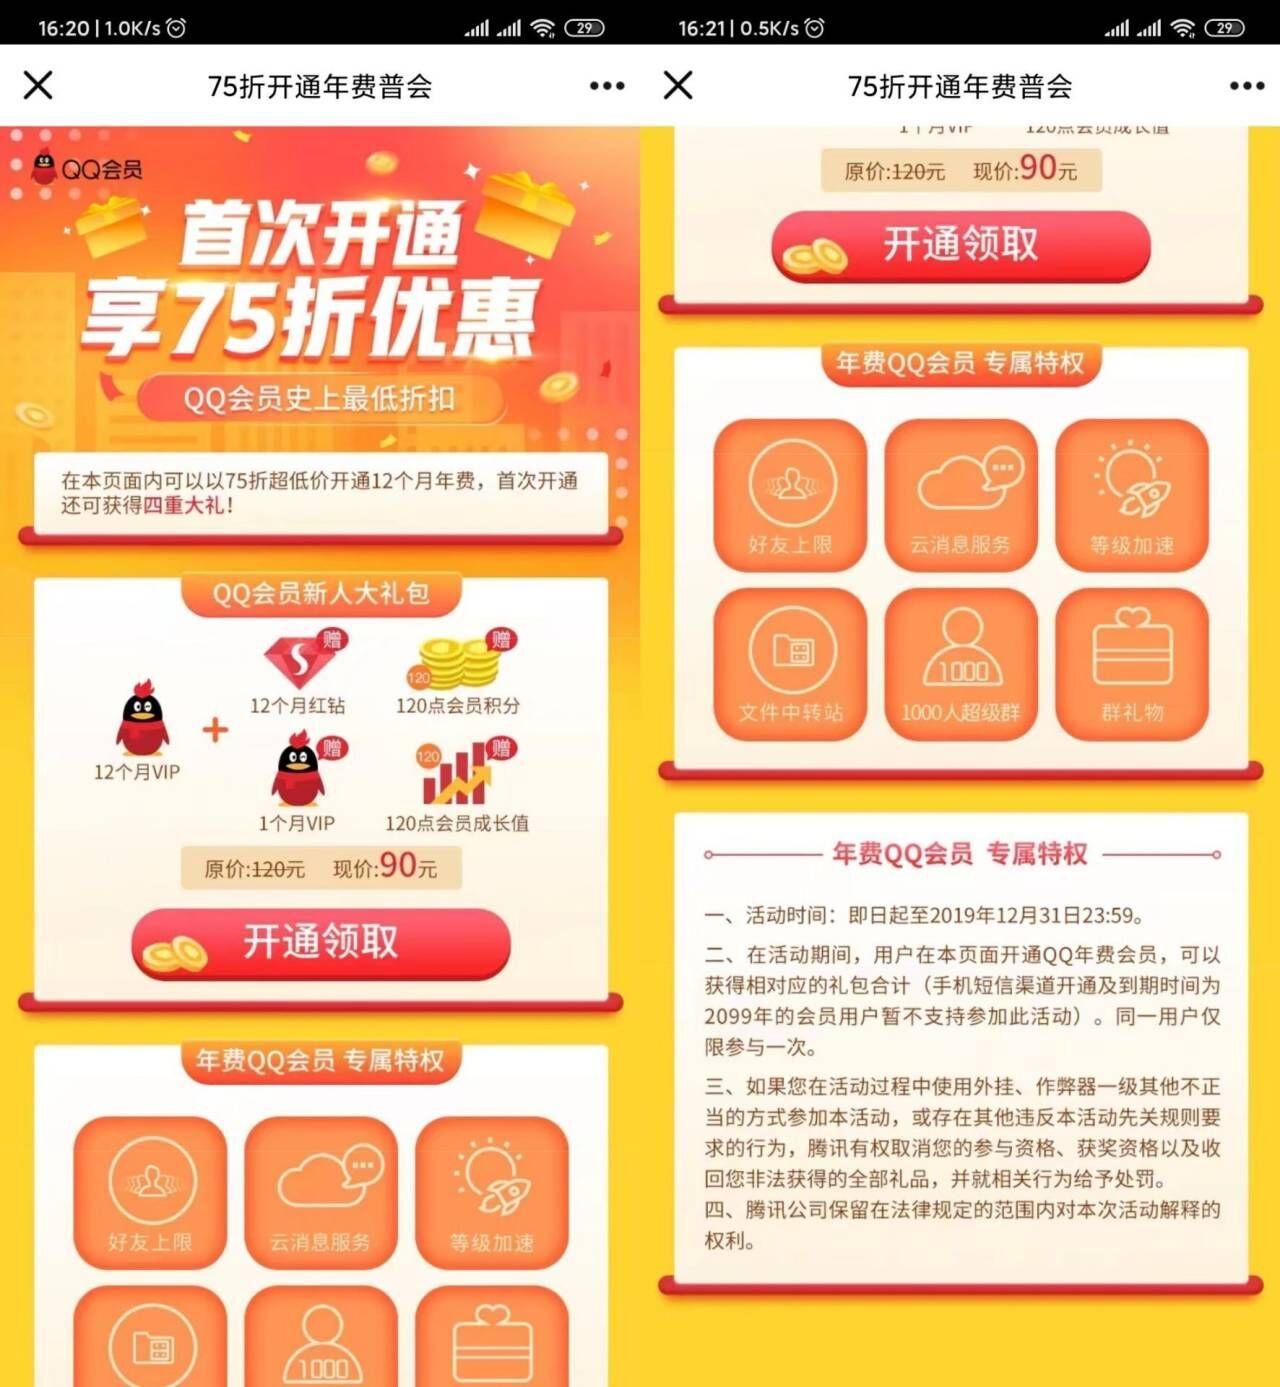 7.5折90元开QQ会员年费+红钻